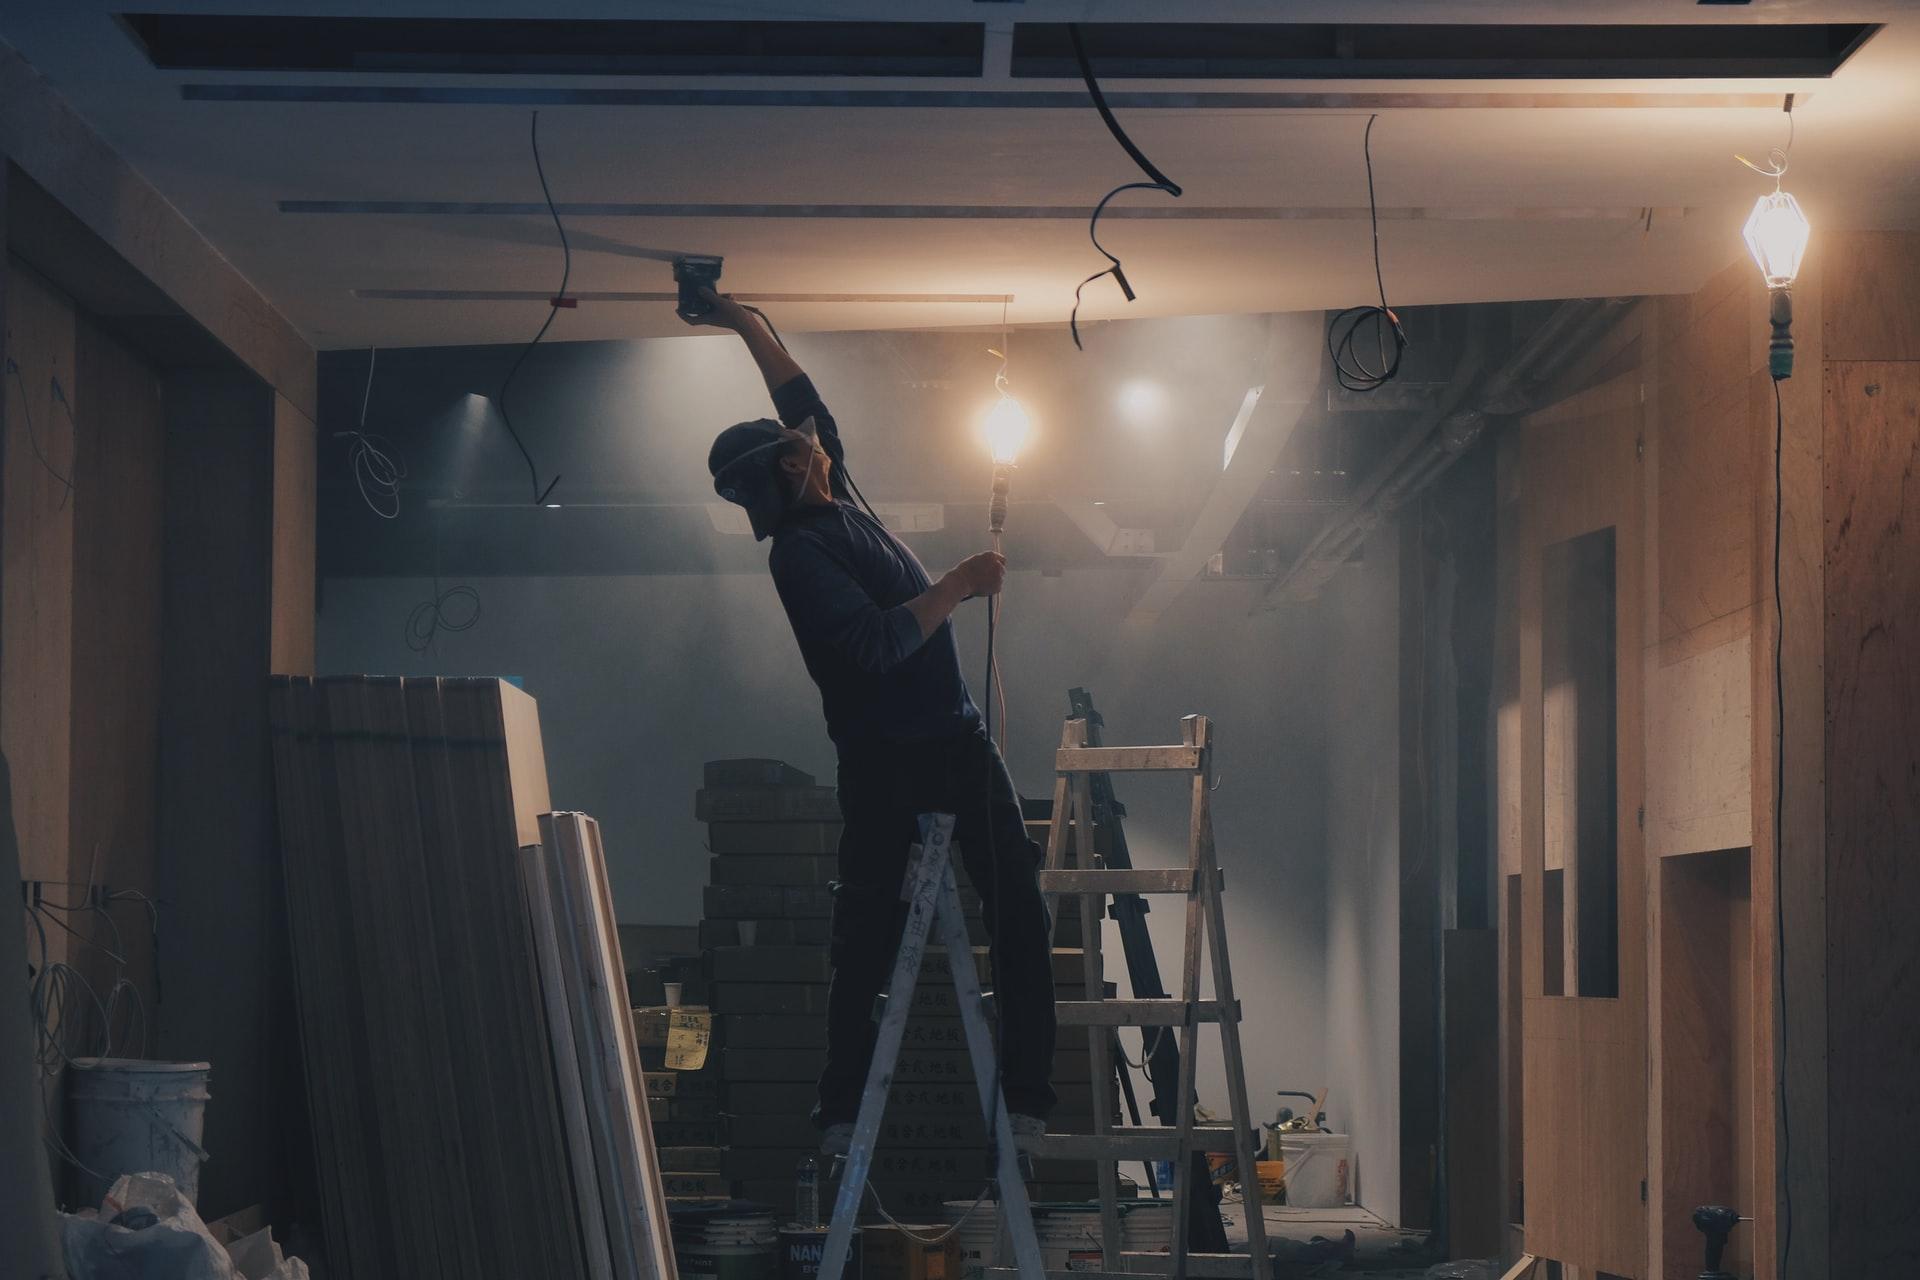 henry co 3coKbdfnAFg unsplash - Sådan vælger du det rigtige byggefirma